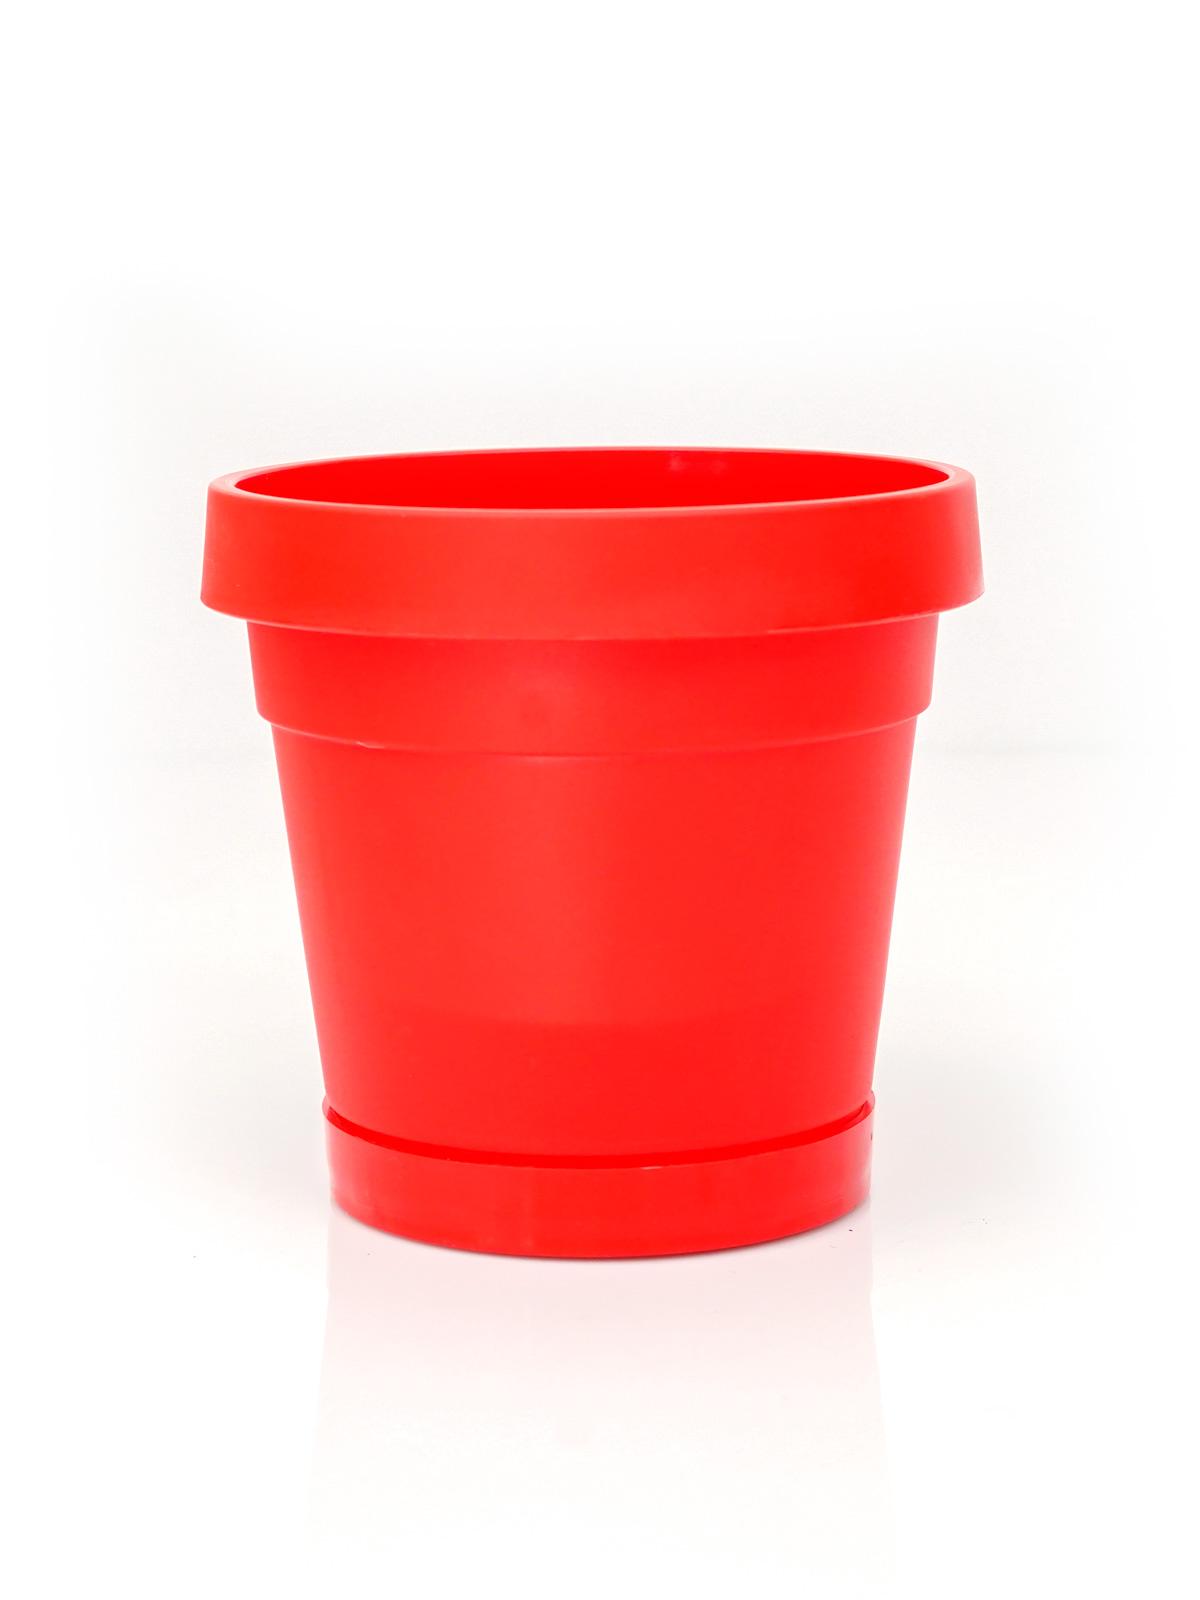 Flower Pot Red Pots & Vases